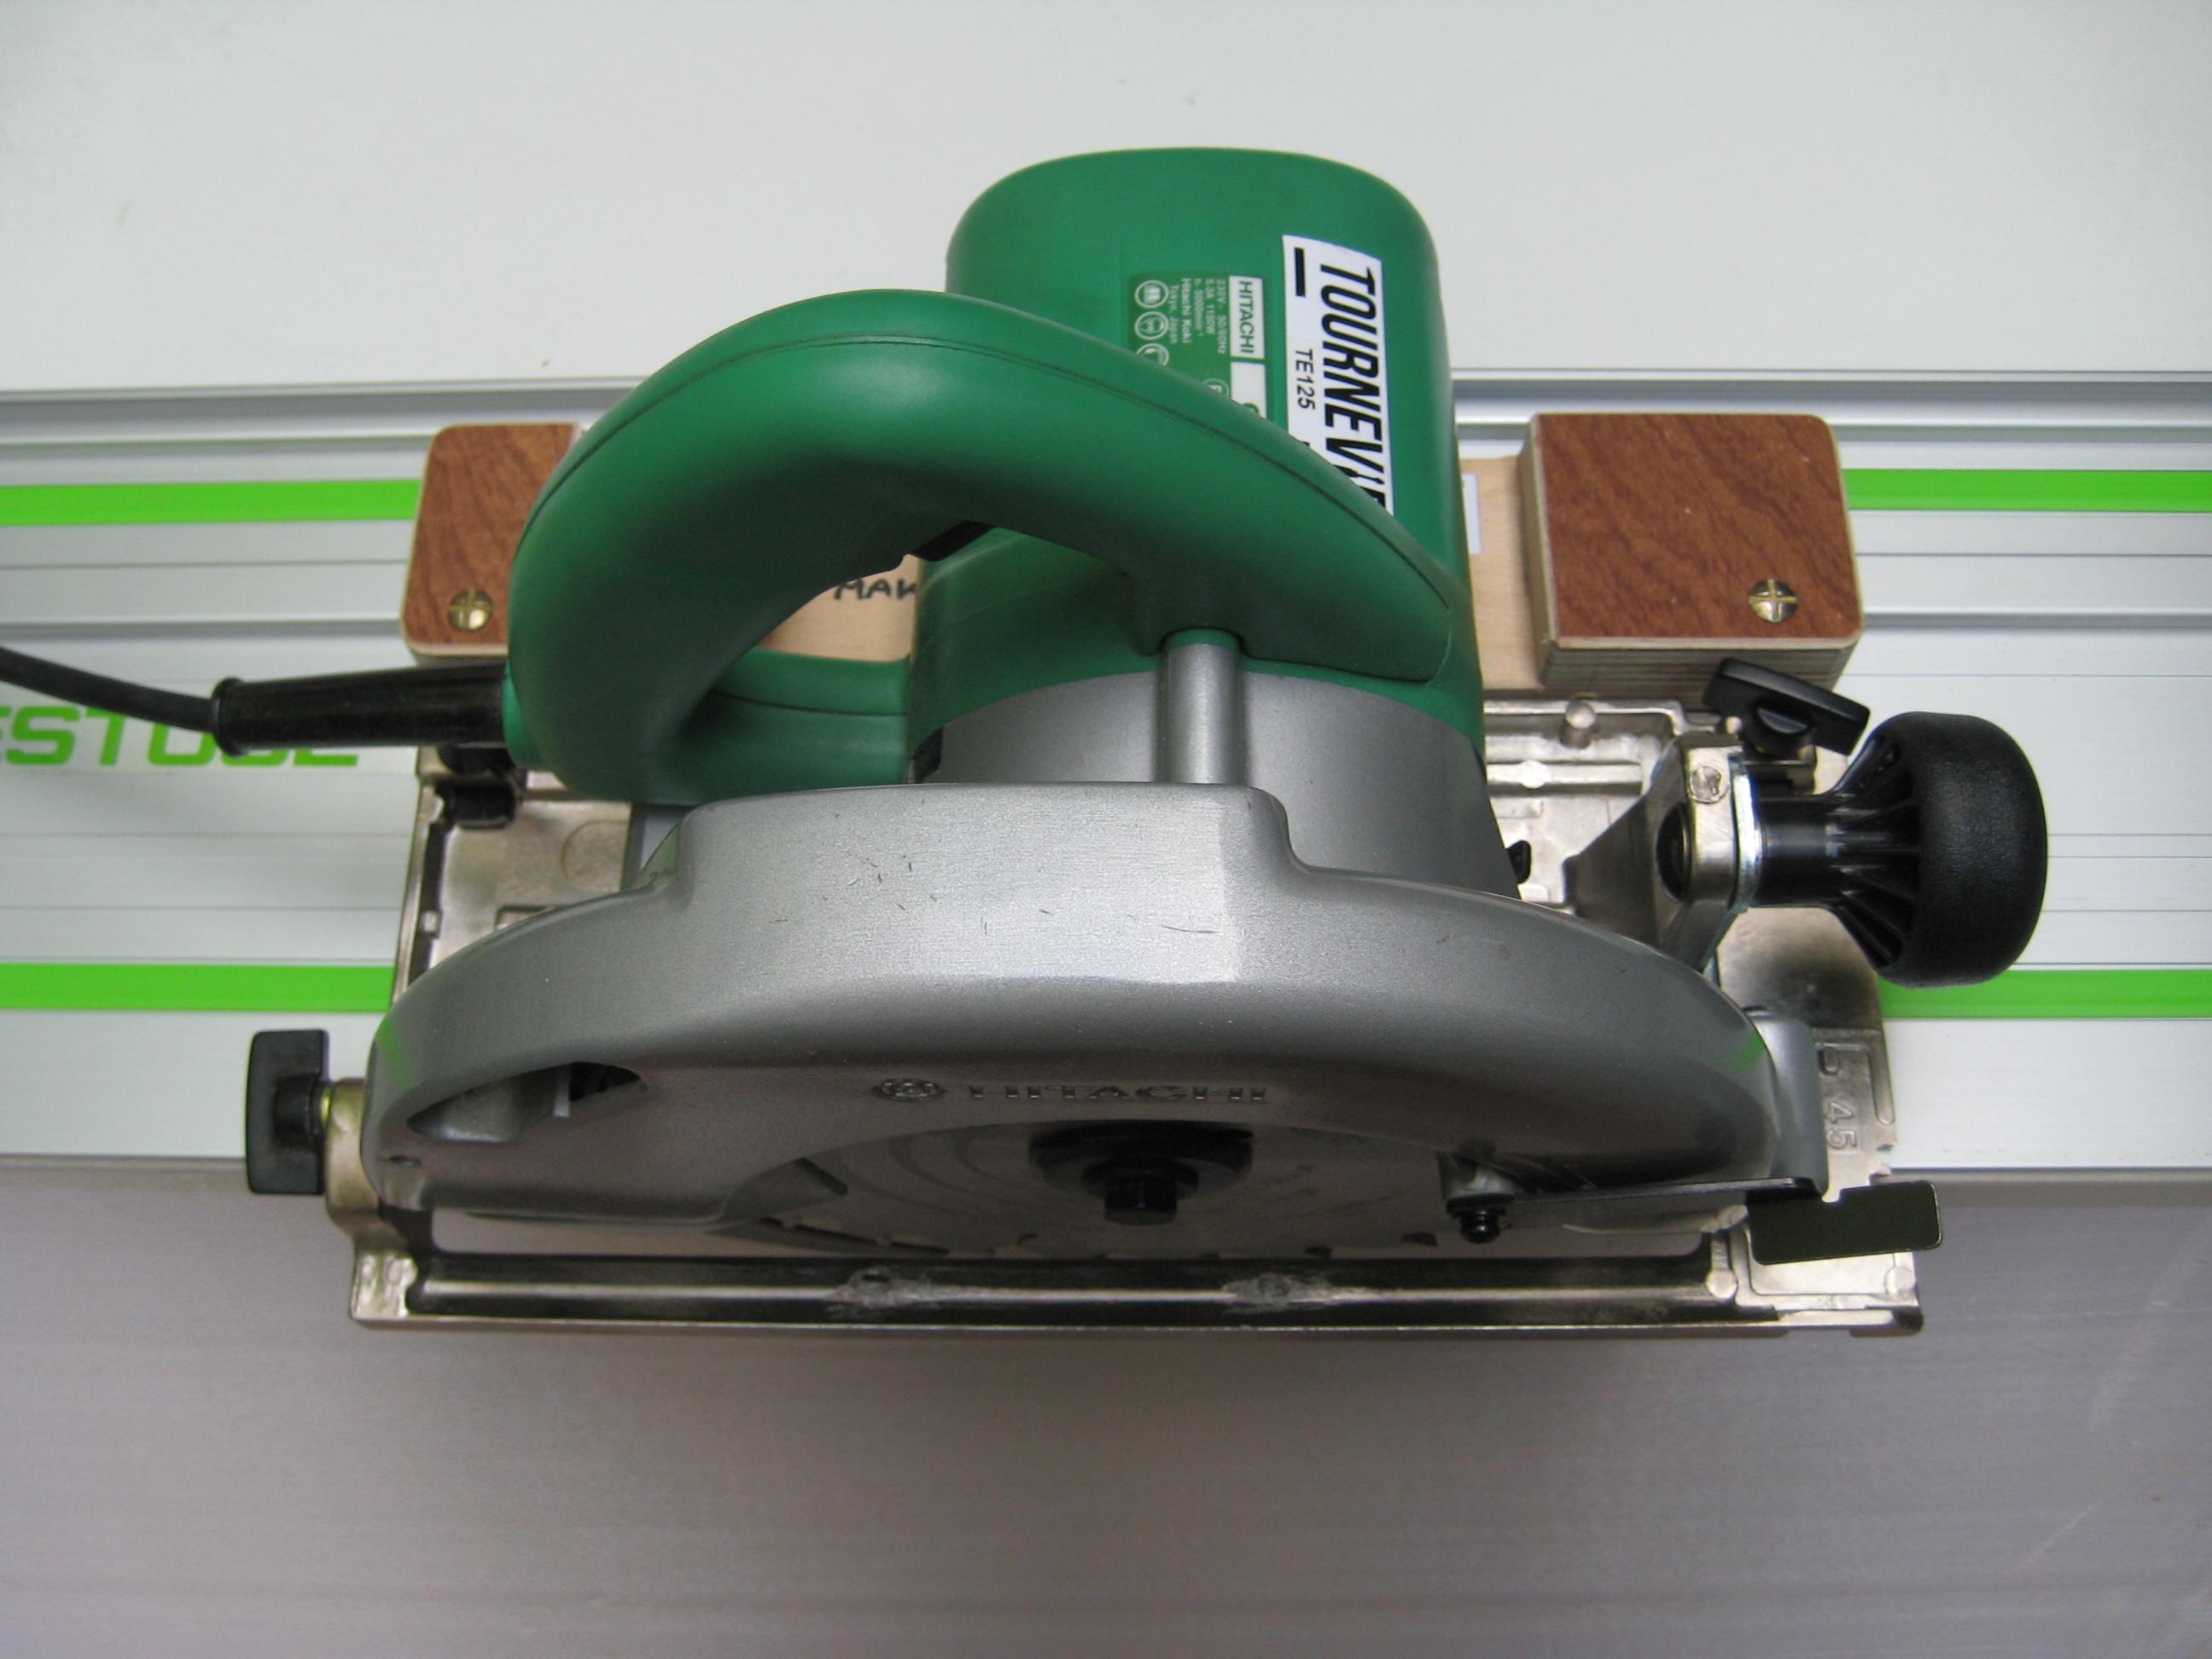 makita guide rail adapter for circular saw